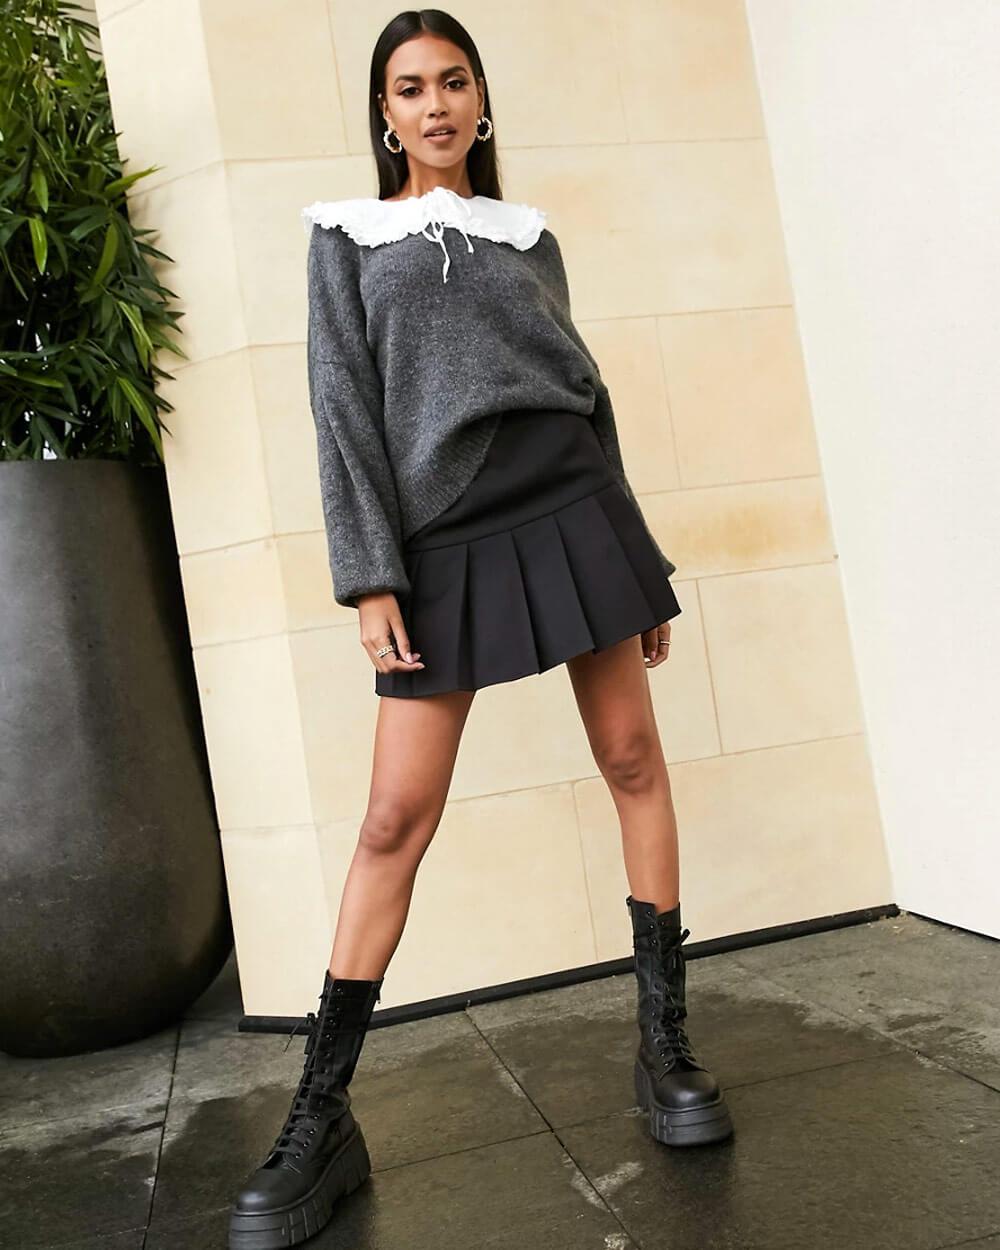 ASOS e-girl clothing